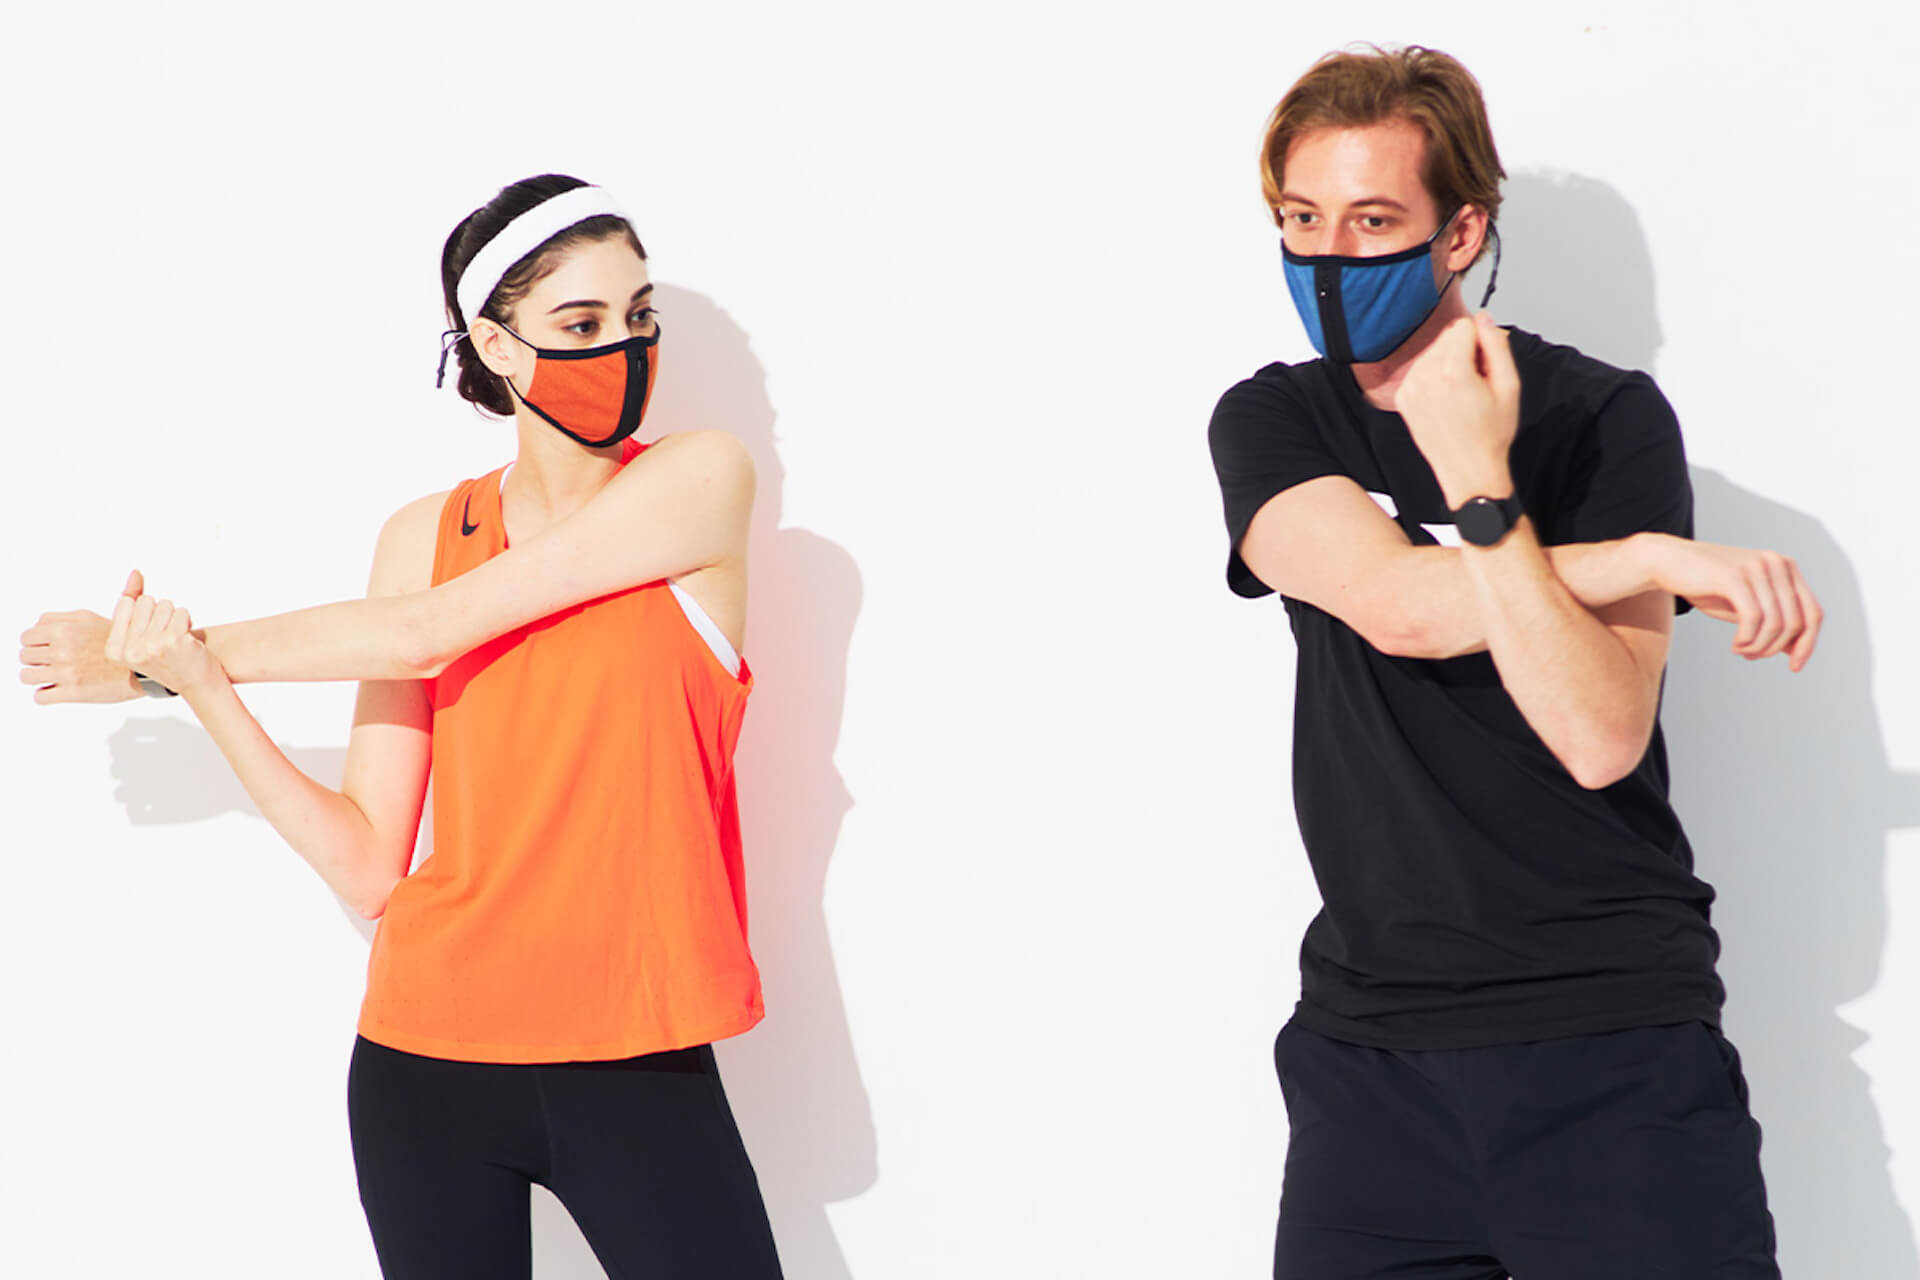 【人気アパレルブランドマスク16選】有名ブランドが続々リリースする今マストのアイテム!高機能×カッコいいマスク16選 life201224_jeep_mask_13-1